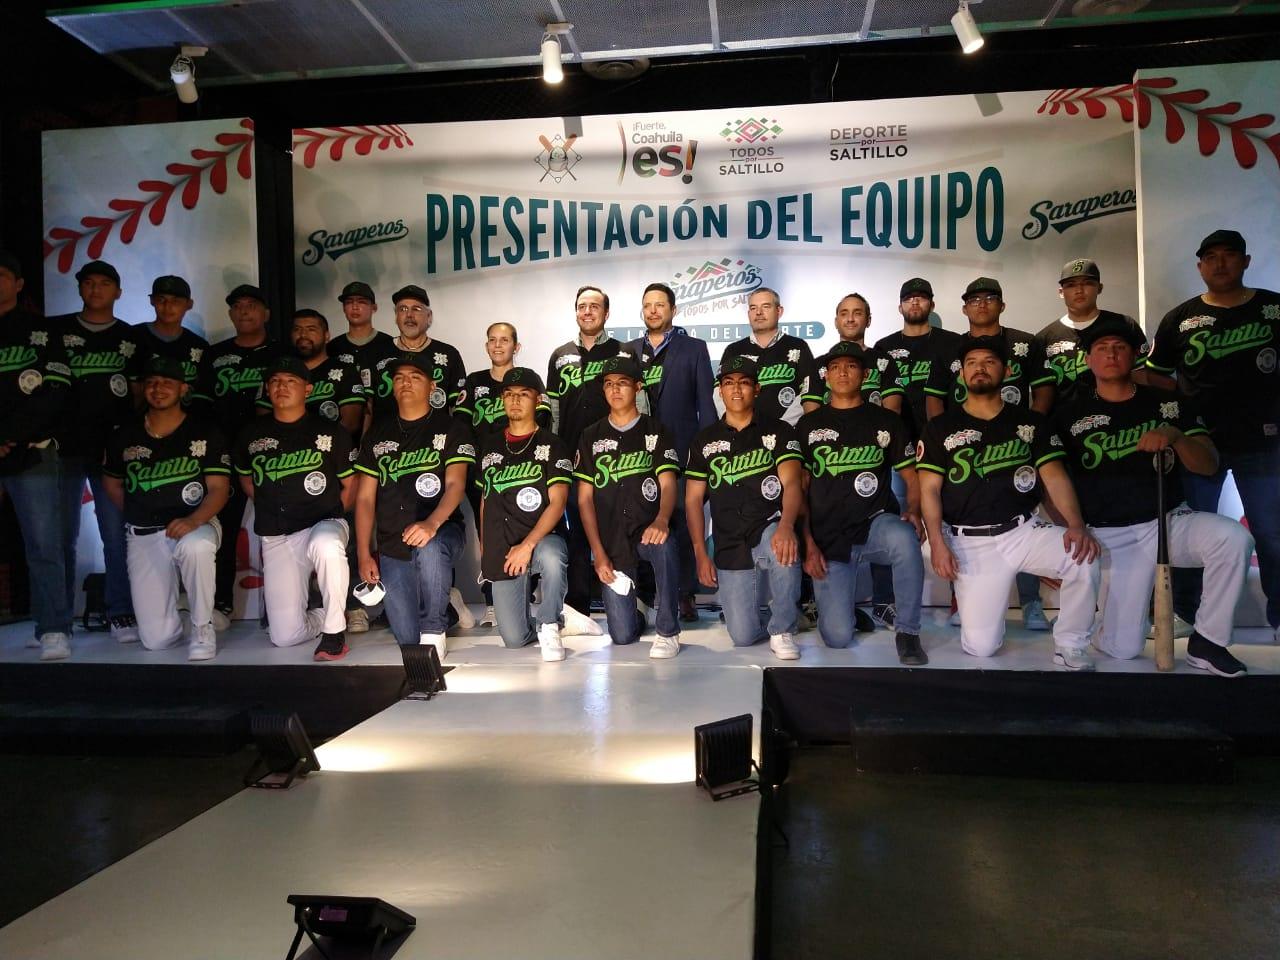 """Presentan el equipo de béisbol Saraperos """"Todos por Saltillo"""""""